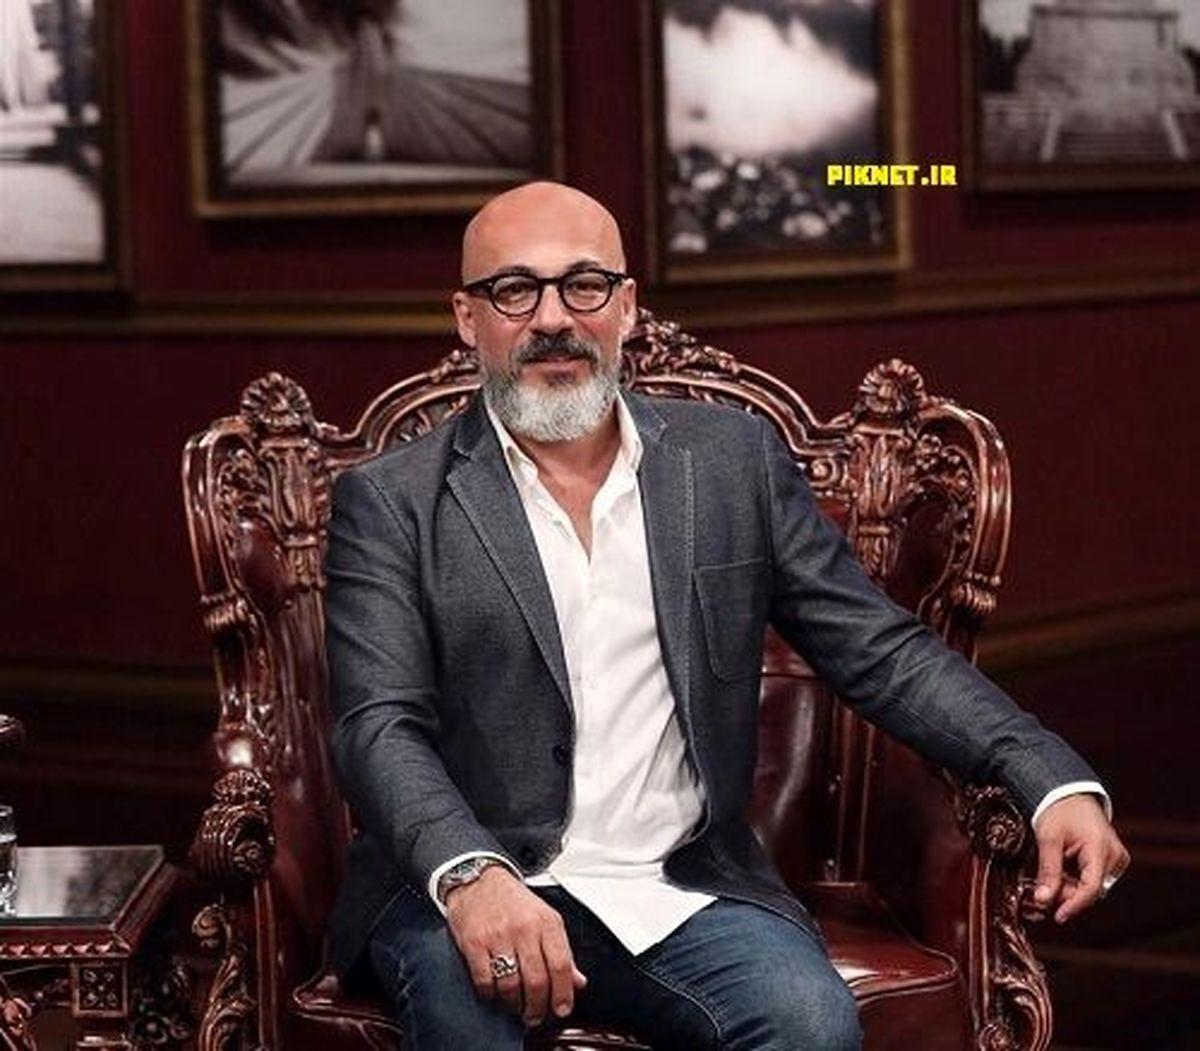 شباهت عجیب امیر آقایی به بازیگر ترکیه ای سوژه رسانه ها شد+عکس دیده نشده